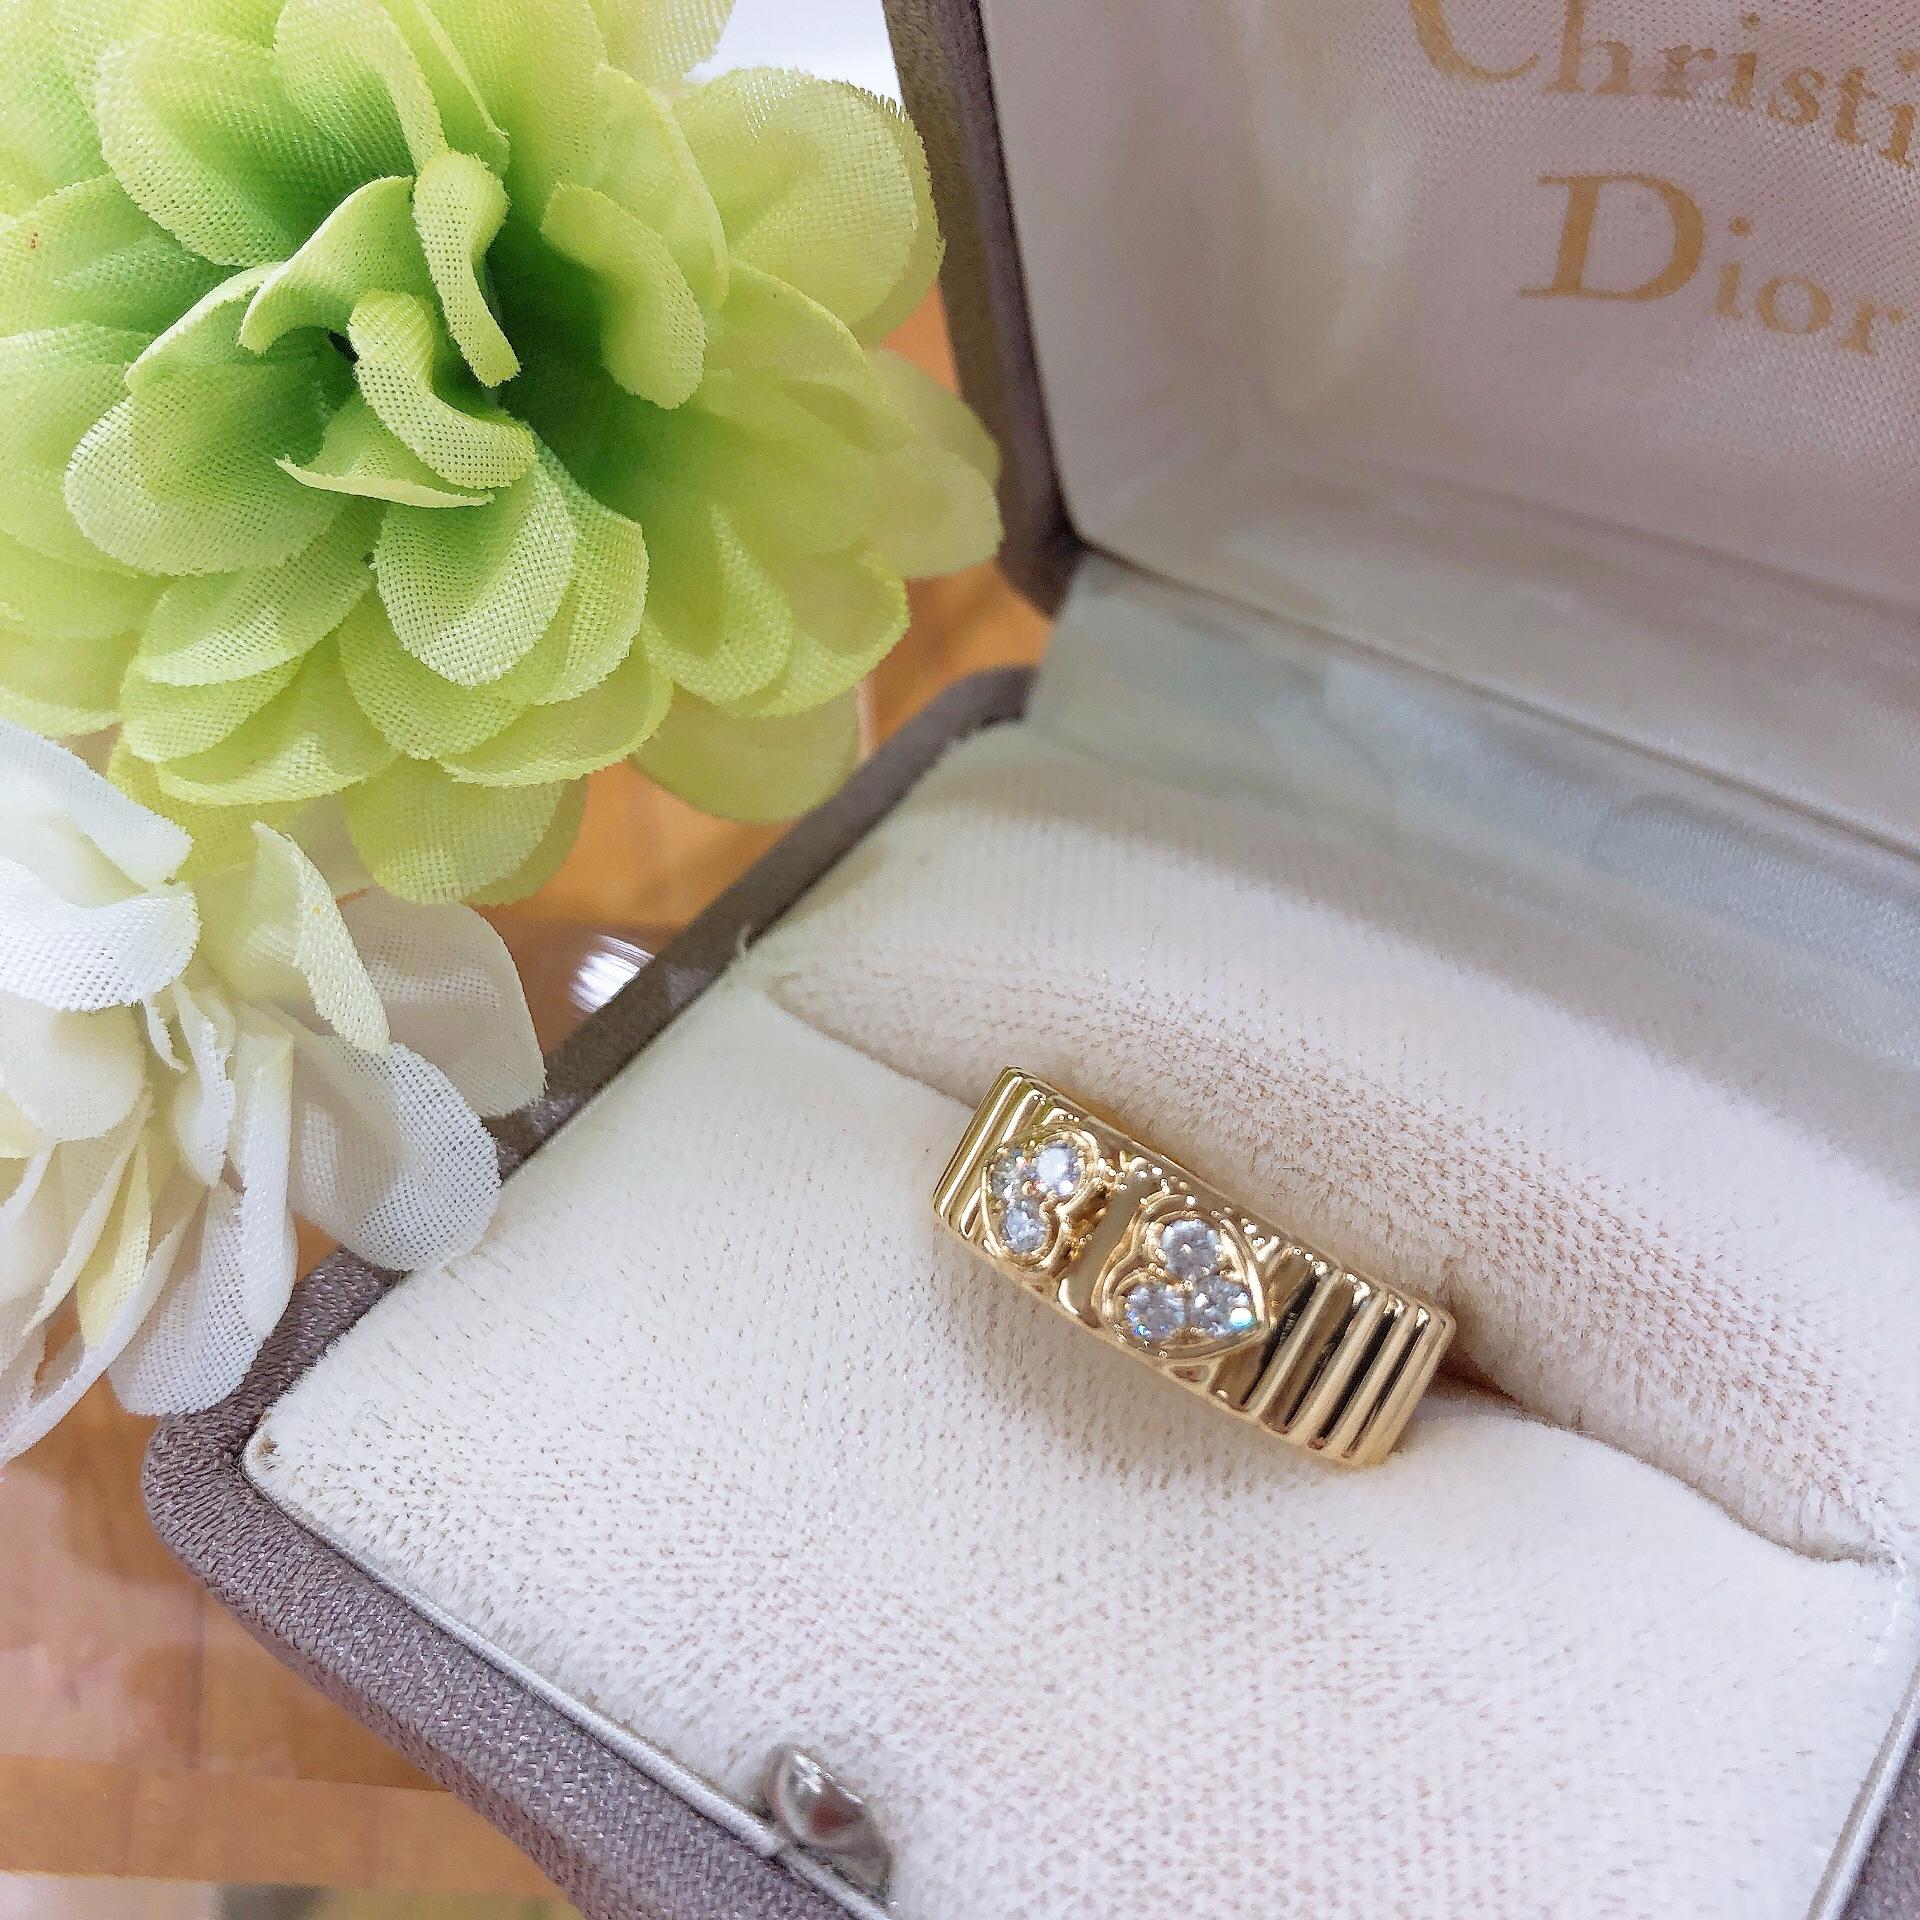 【クリスチャンディオール K18イエローゴールド ダイヤリング】盛岡市のお客様よりお買い取りさせていただきました!